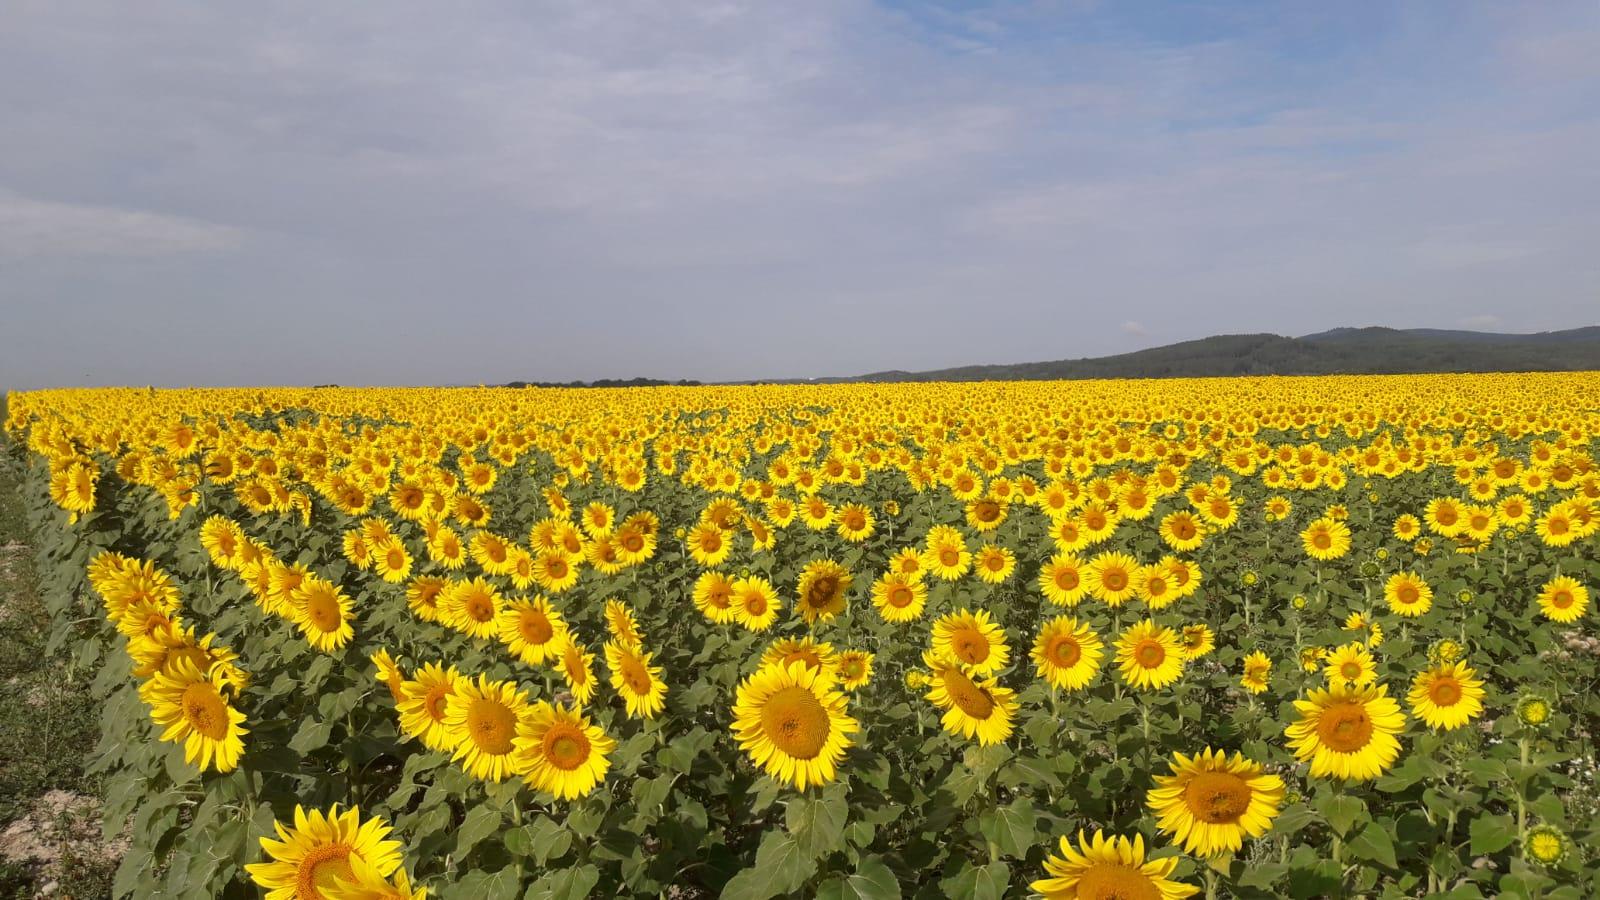 Sonnenblumen sehen nicht nur schön aus, sondern bilden auch ein wichtiges Fruchtfolgeglied.